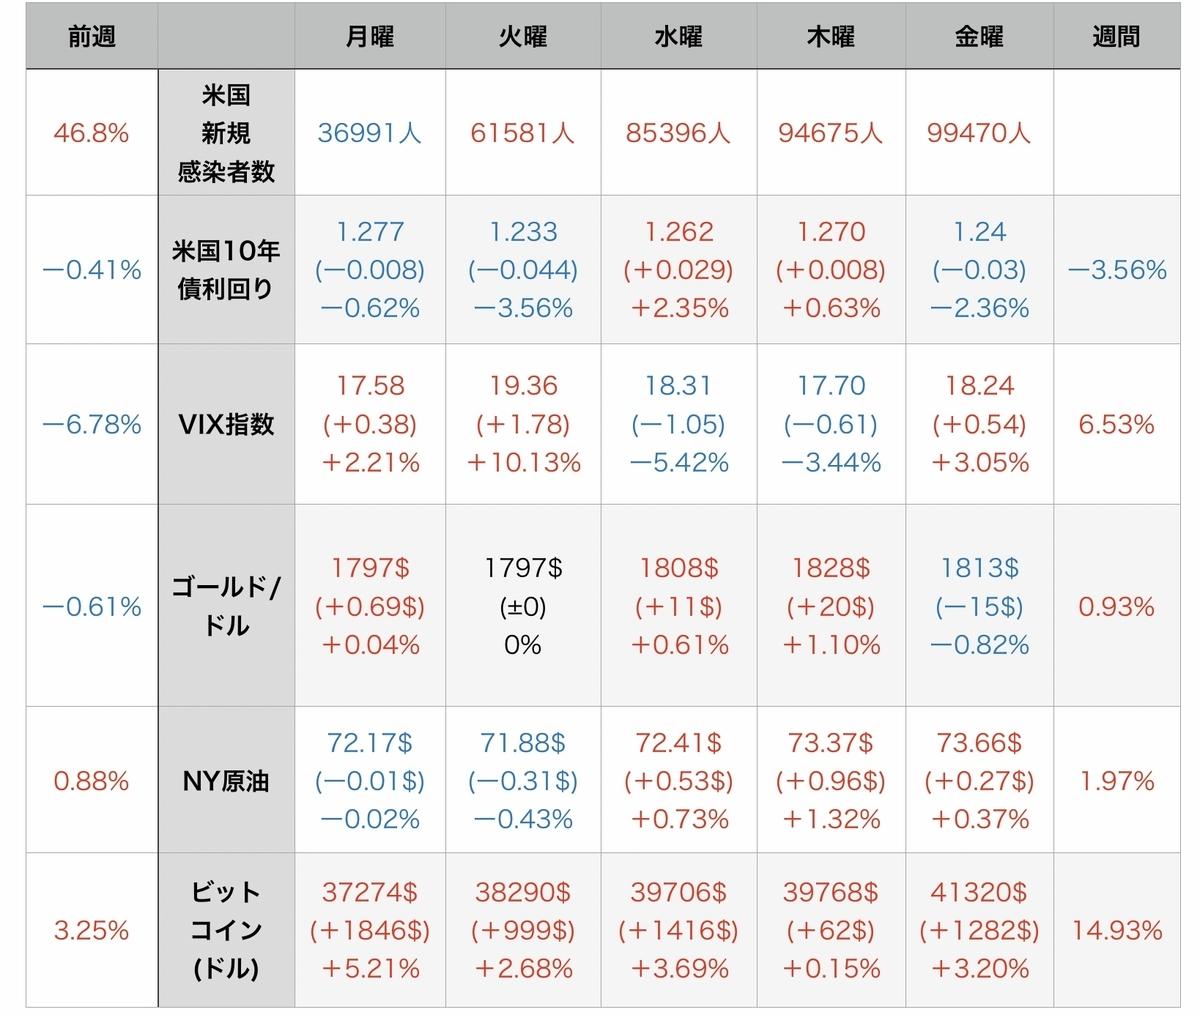 f:id:US-Stocks:20210731104625j:plain